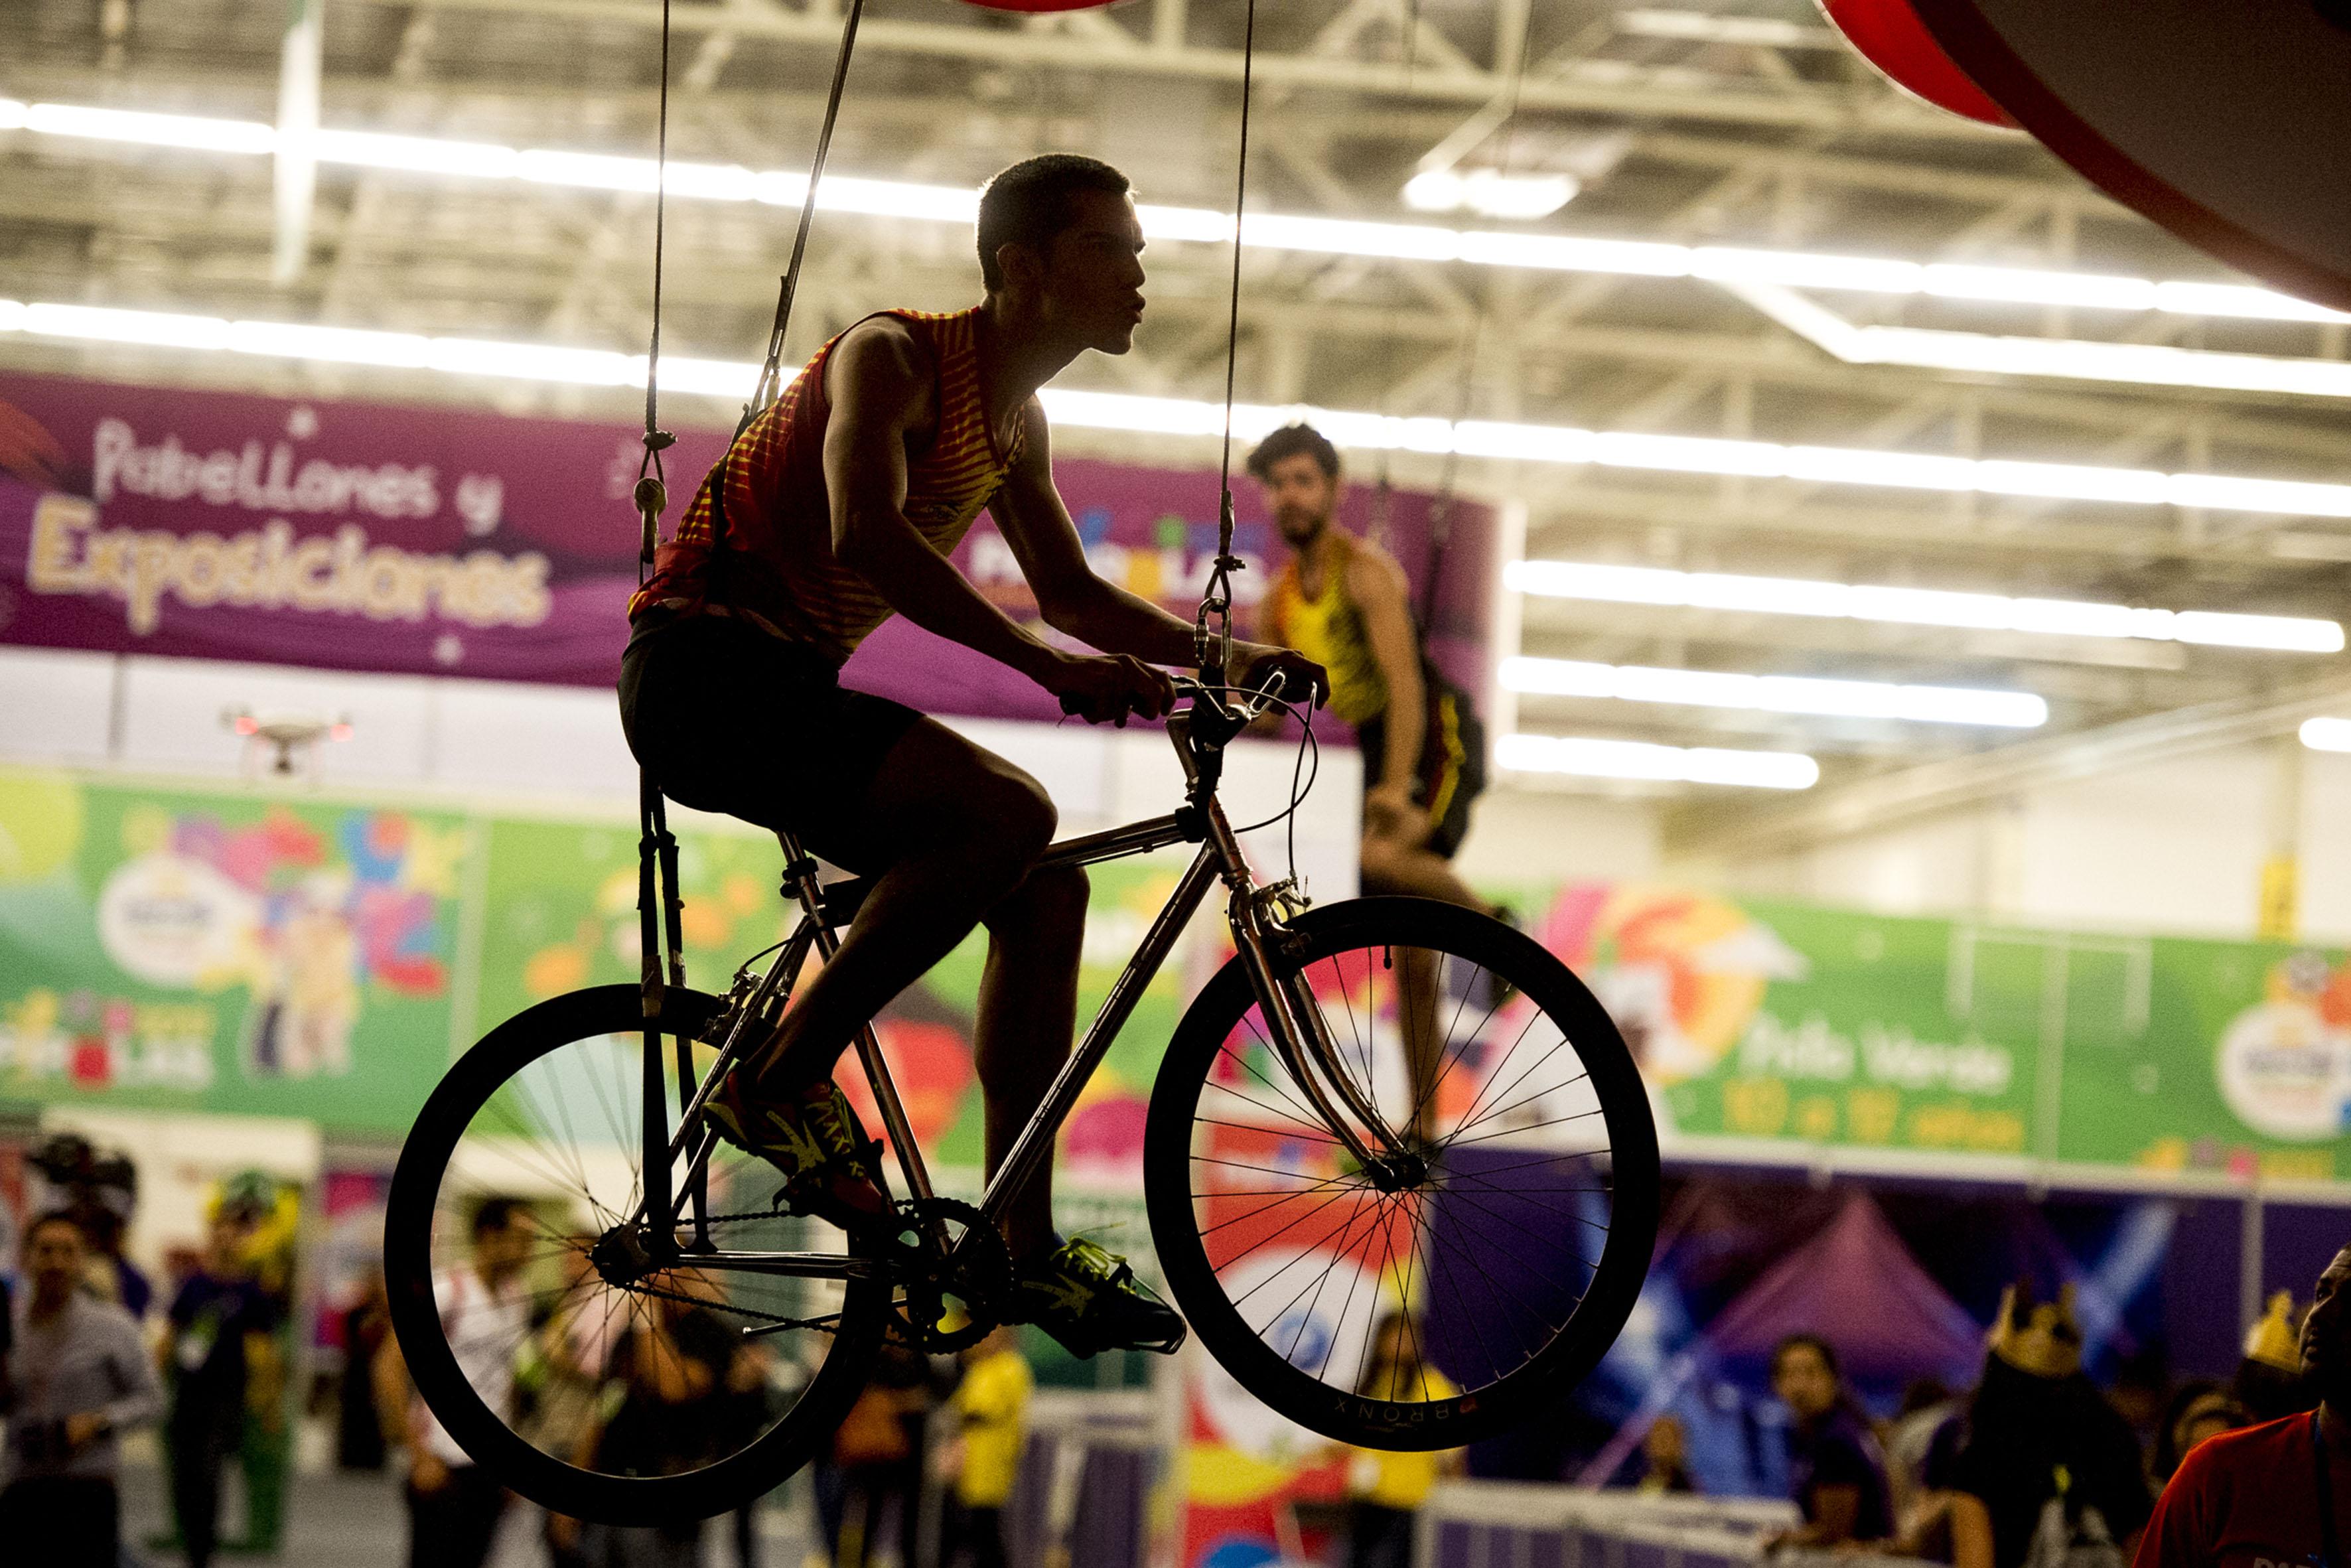 Demostración del deporte del ciclismo, mientras la bicicleta está suspendida en el aire para poder mostrar la acción de la misma; durante la Inauguración del Festival Papirolas 2017.